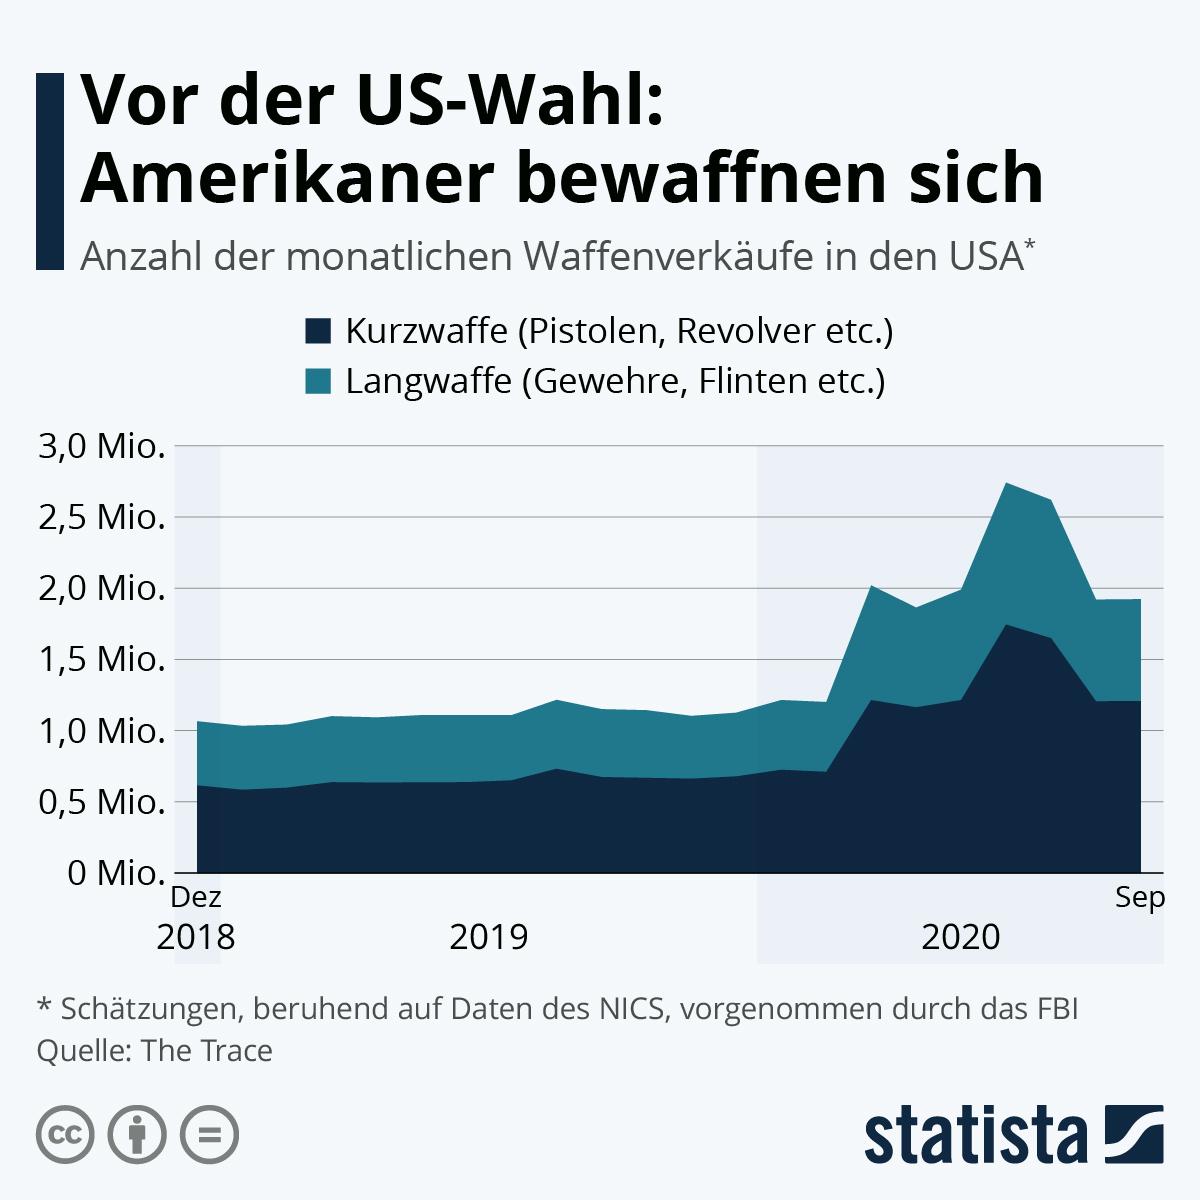 Infografik: Vor der US-Wahl: Amerikaner bewaffnen sich | Statista